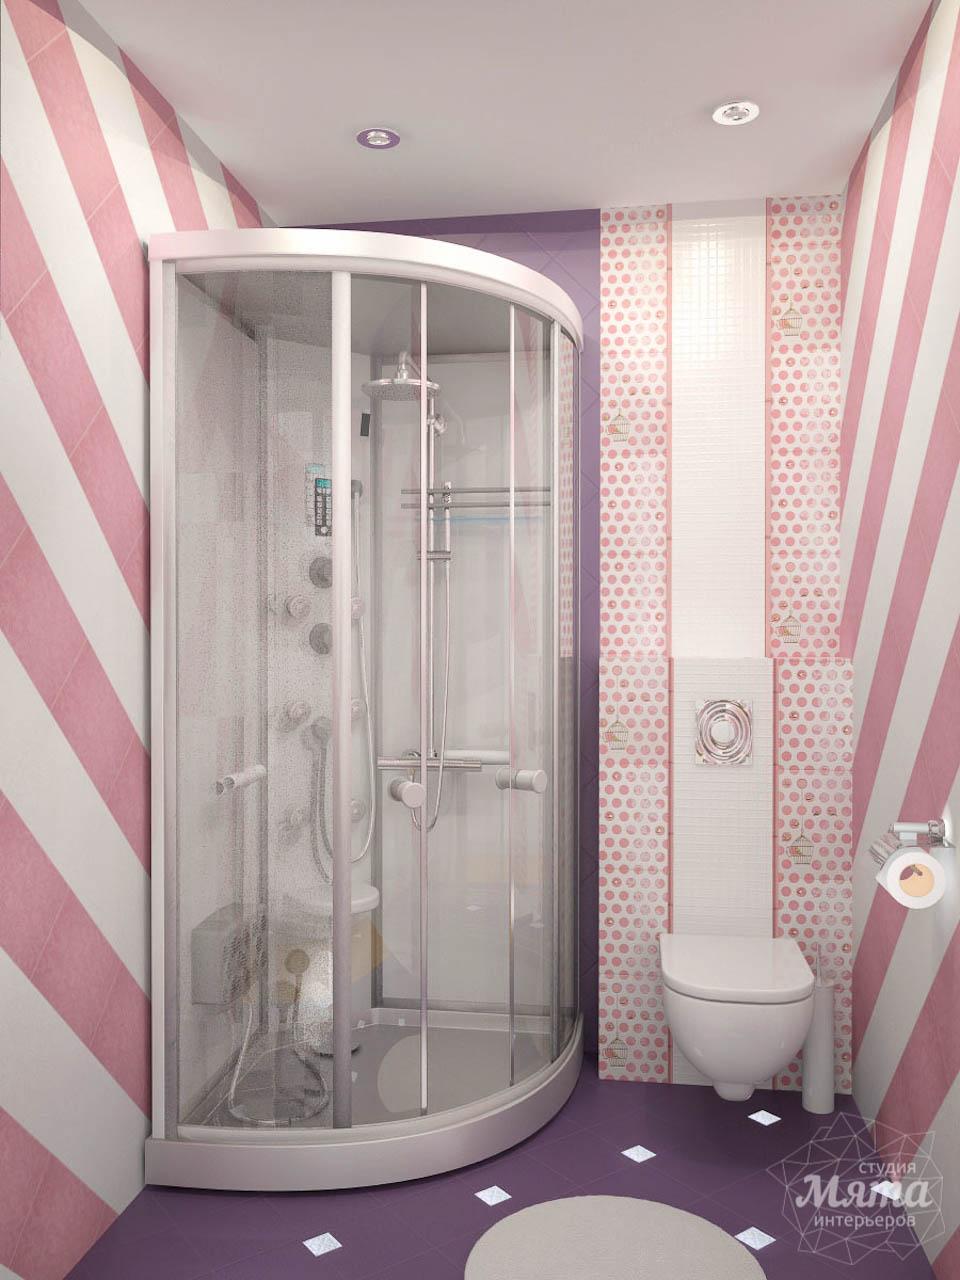 Дизайн интерьера и ремонт трехкомнатной квартиры по ул. Фучика 9 img1154601451